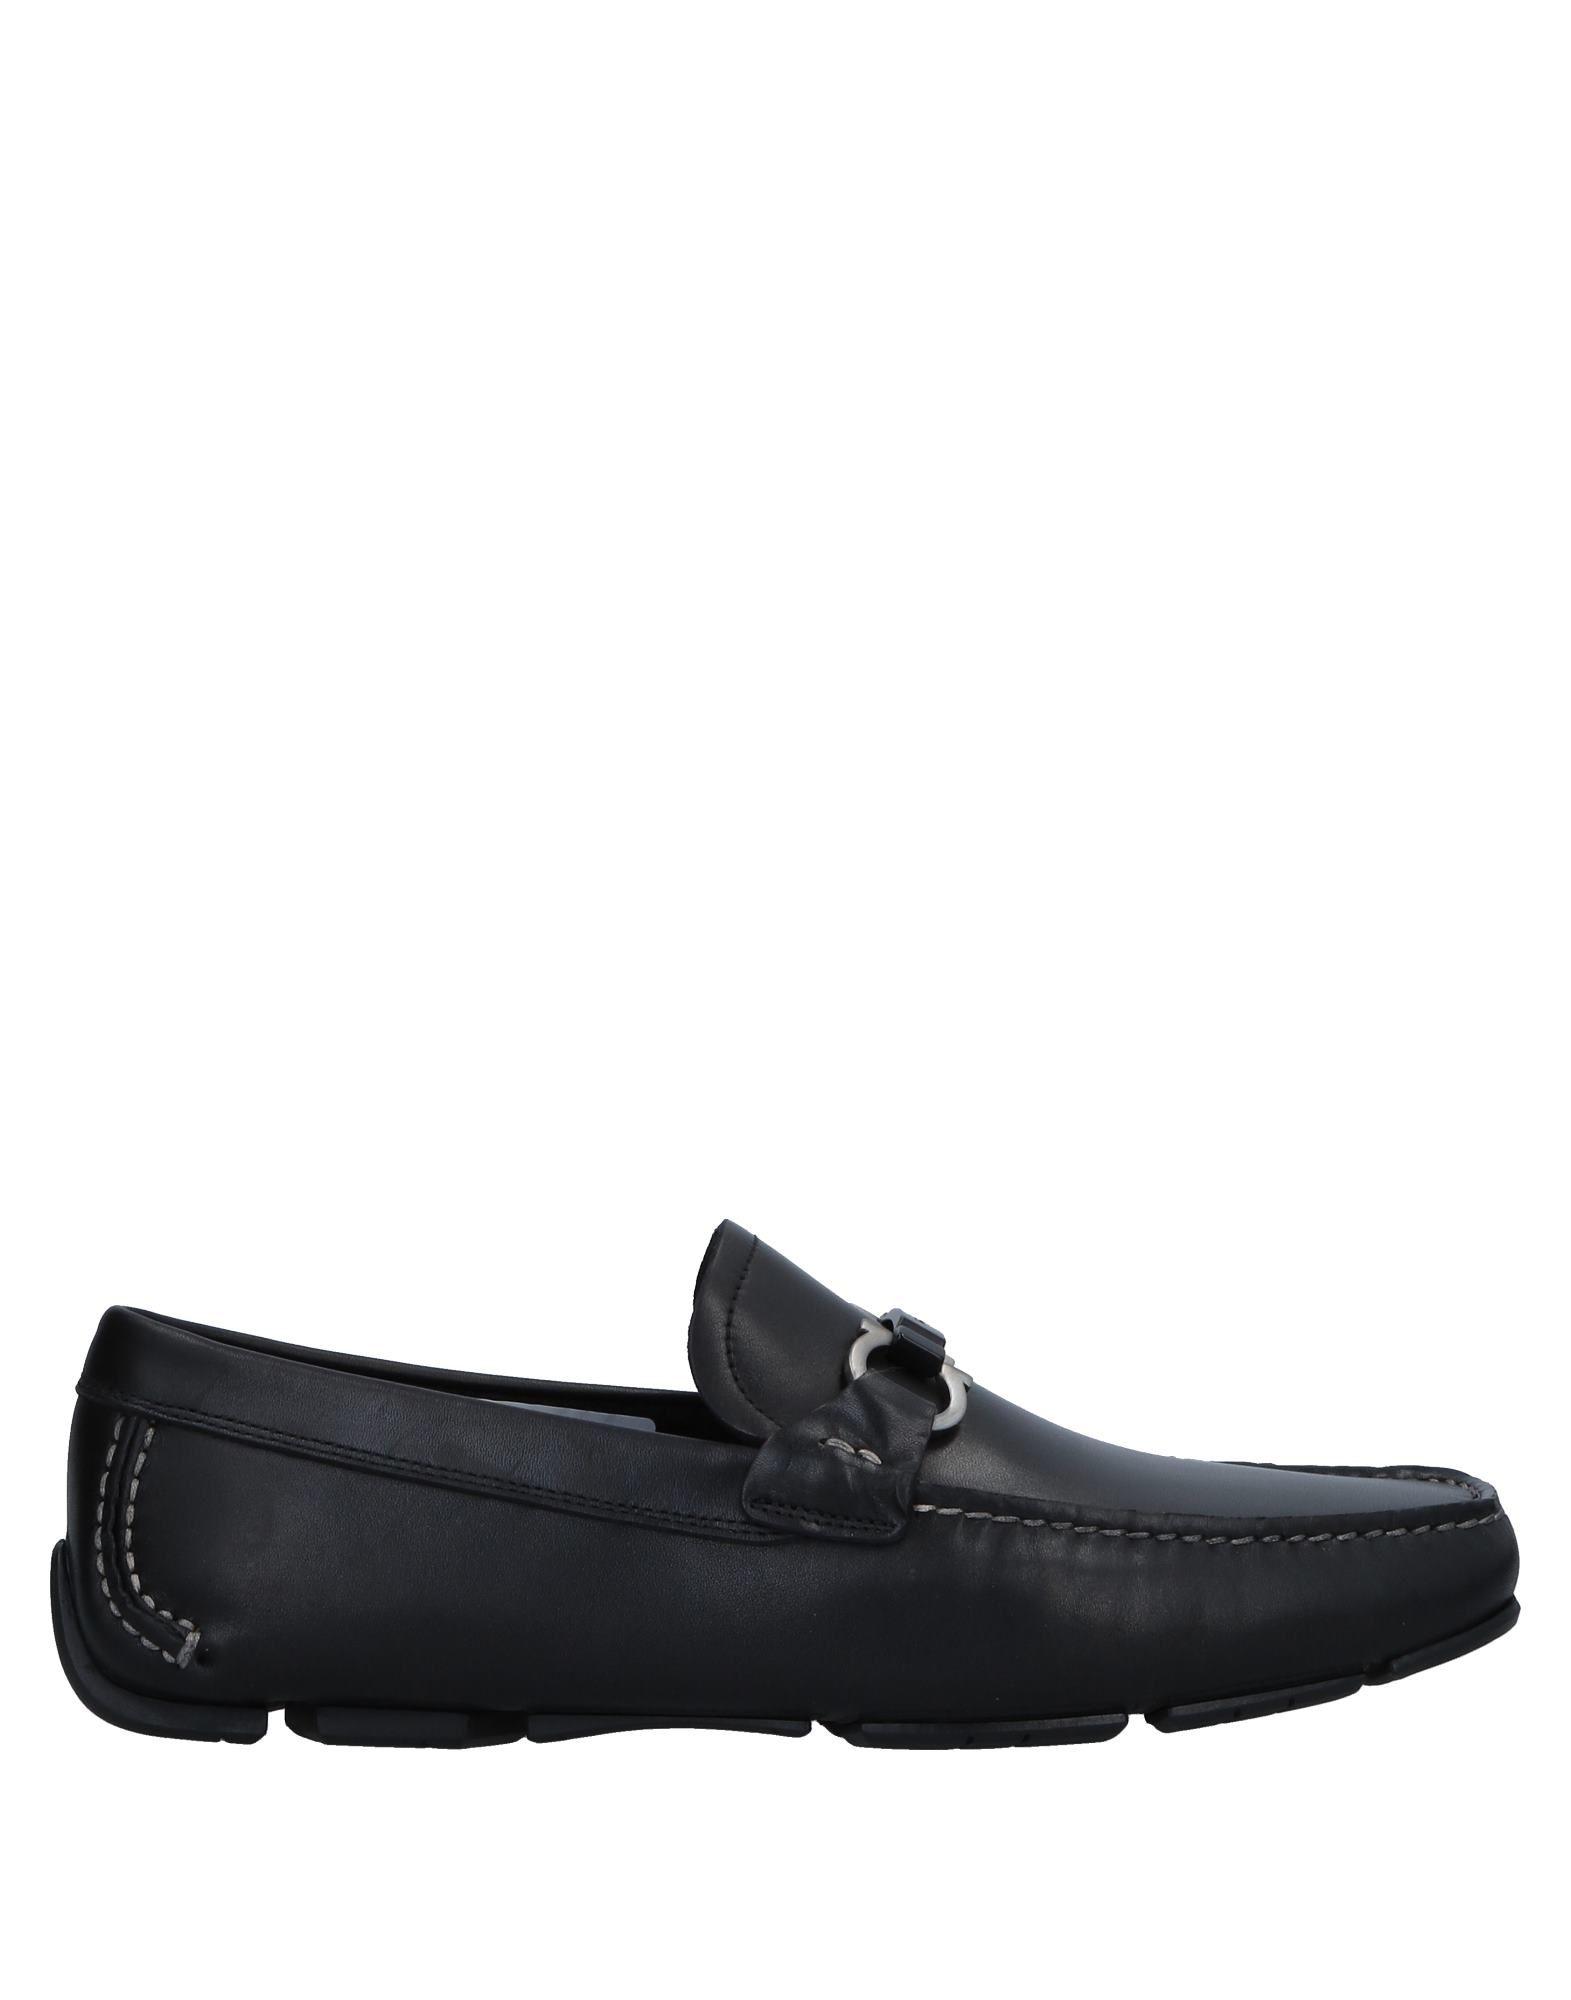 Salvatore Ferragamo Mokassins Herren  11523048EG Gute Qualität beliebte Schuhe